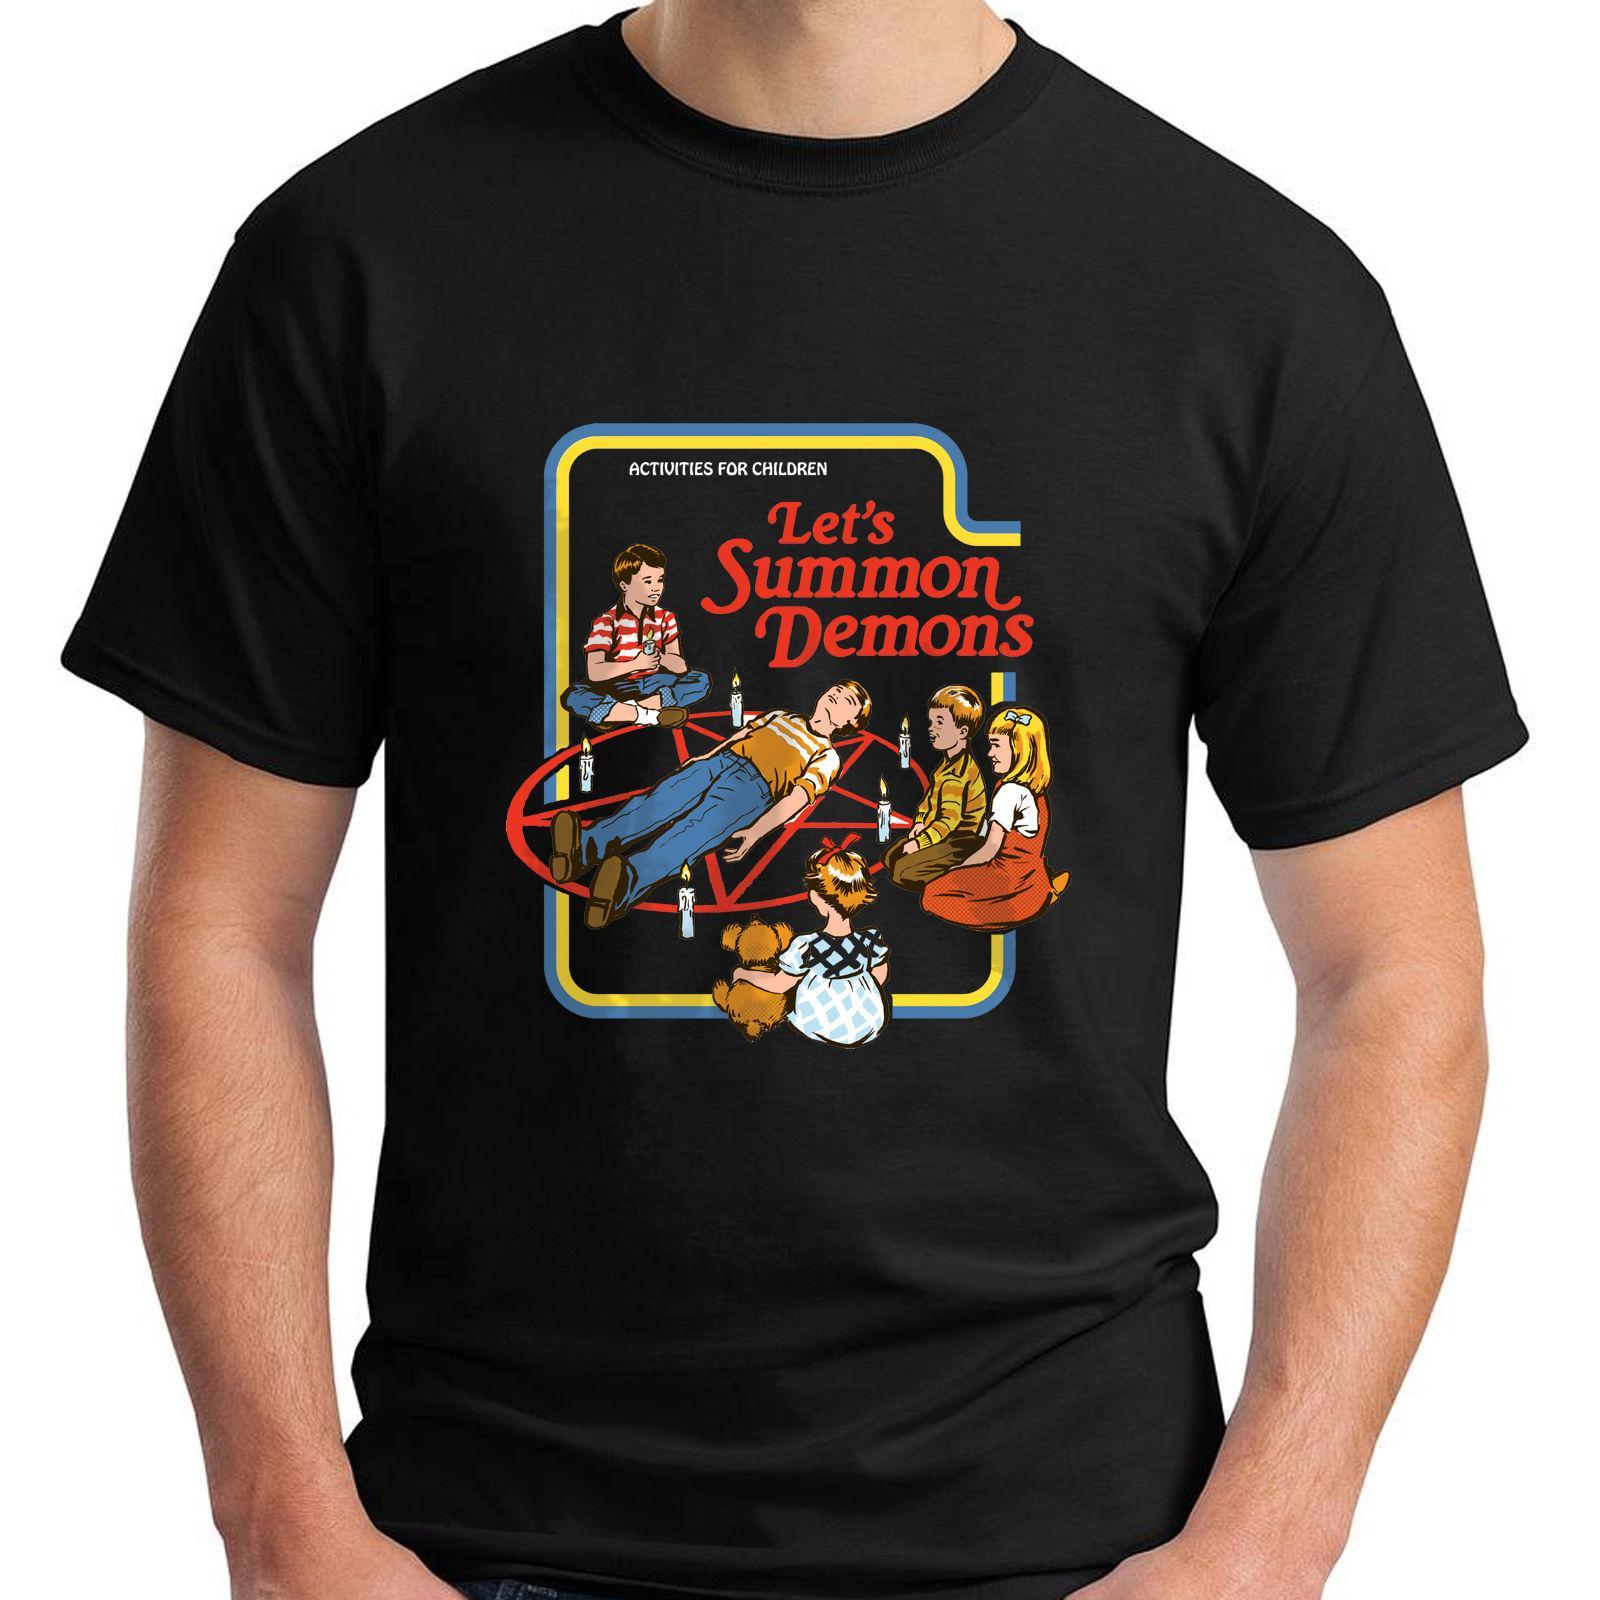 7545786f8e83 Großhandel Neue Lets Summon Demons Kurzarm Schwarz Herren T Shirt Größe S  3xl Toller Rabatt Baumwolle Männer T Shirt Mens Fashion Men Von Clothfirst,  ...